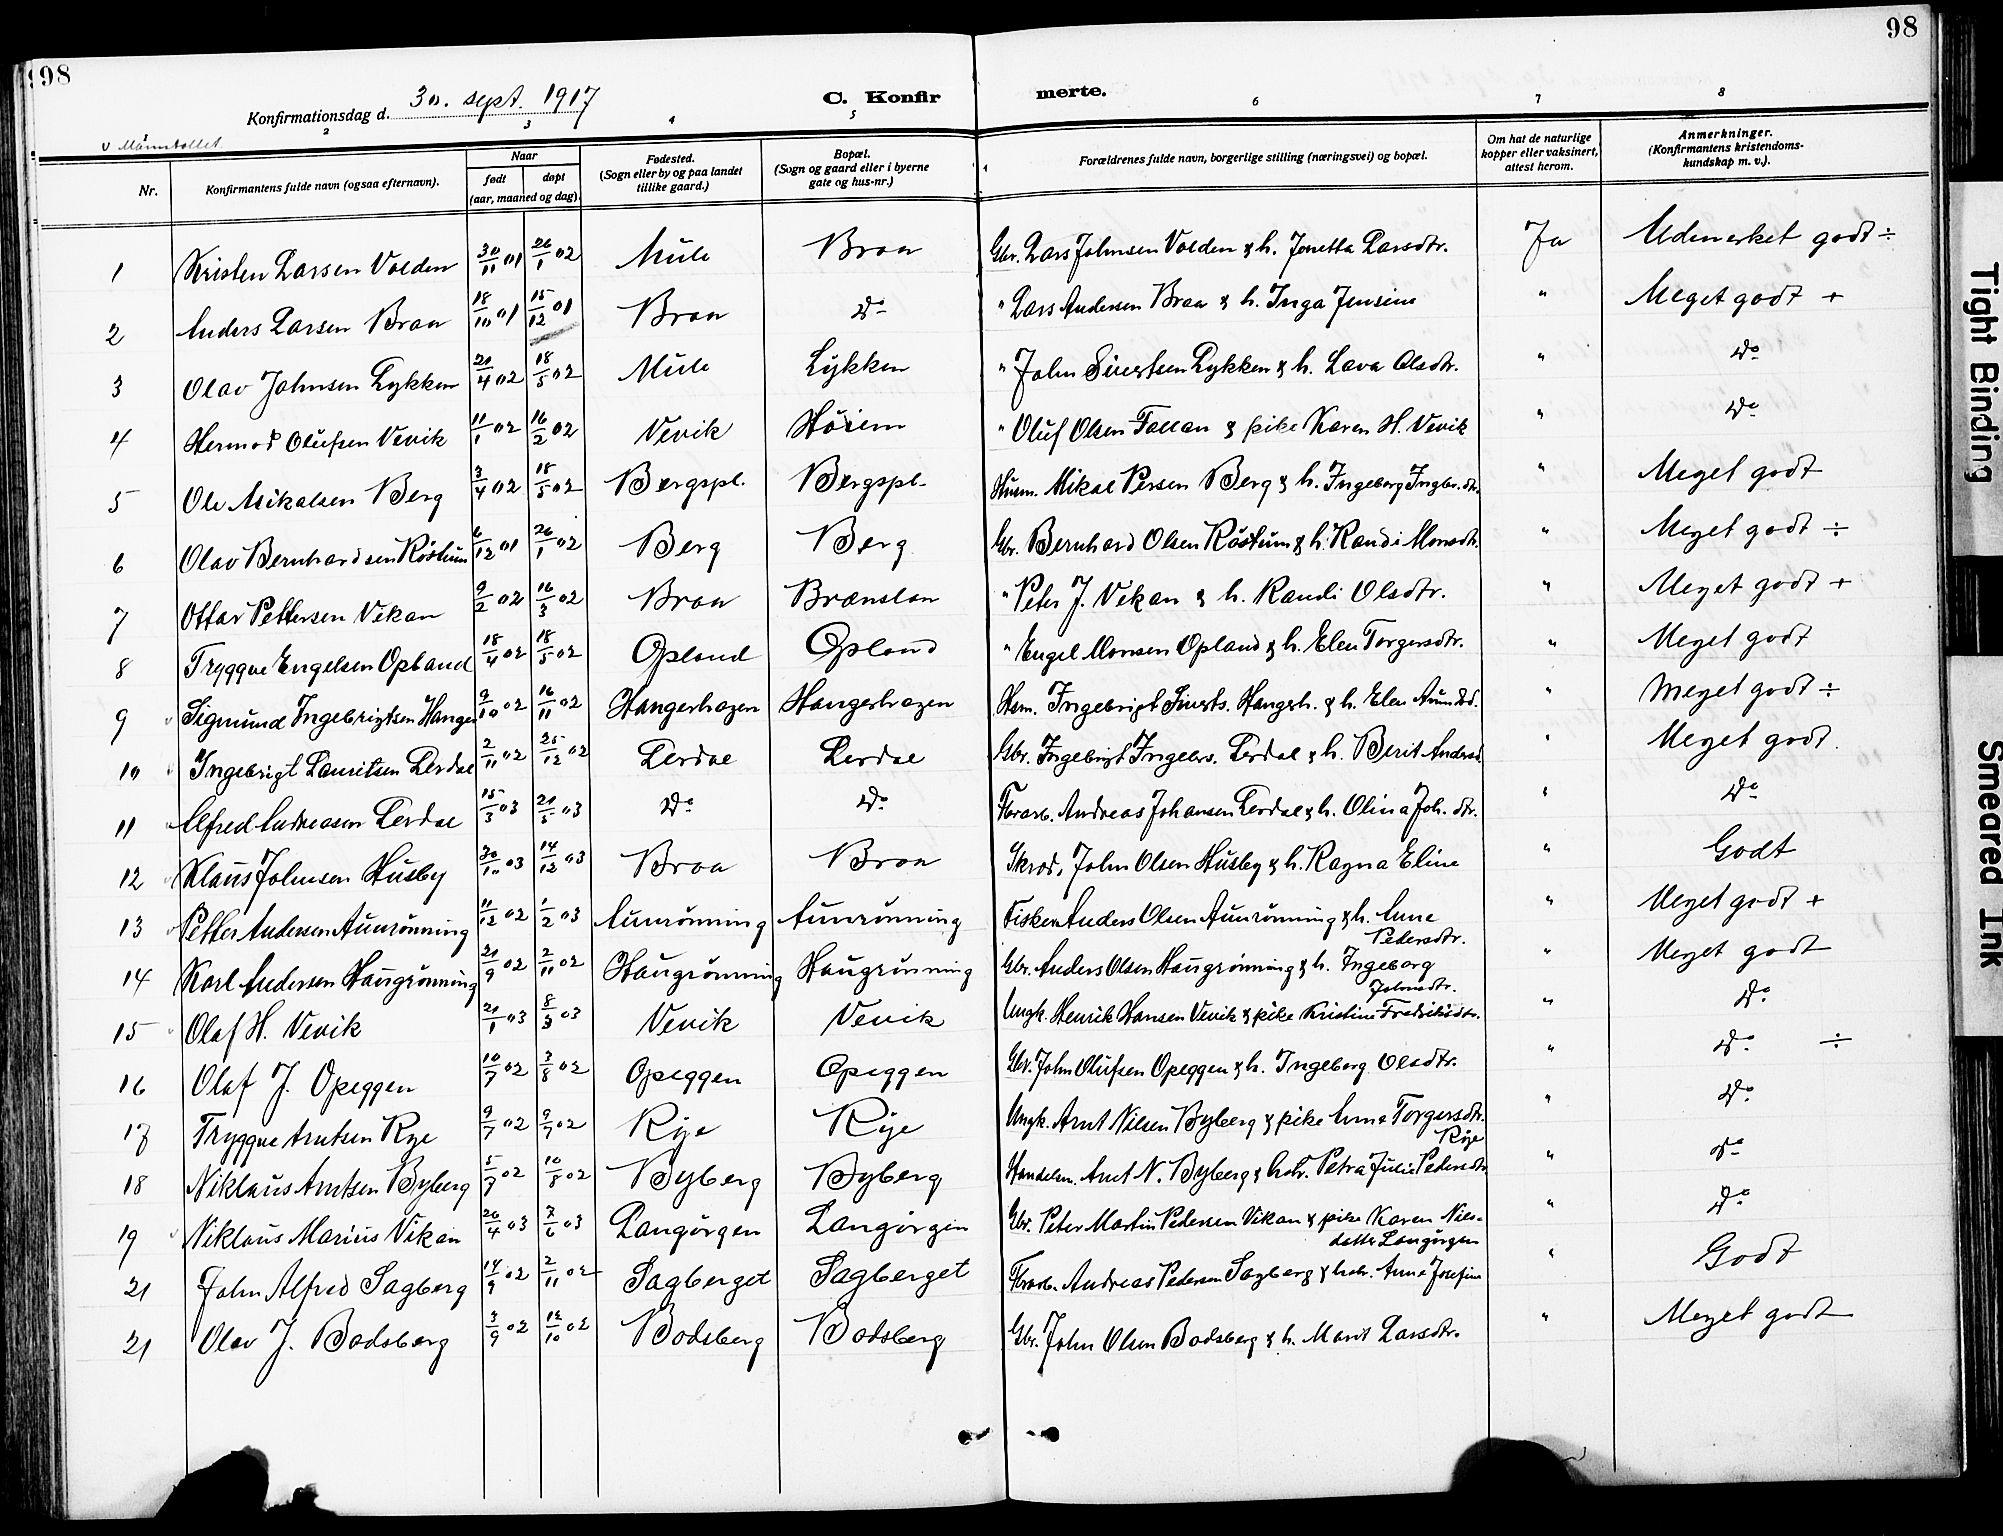 SAT, Ministerialprotokoller, klokkerbøker og fødselsregistre - Sør-Trøndelag, 612/L0388: Klokkerbok nr. 612C04, 1909-1929, s. 98